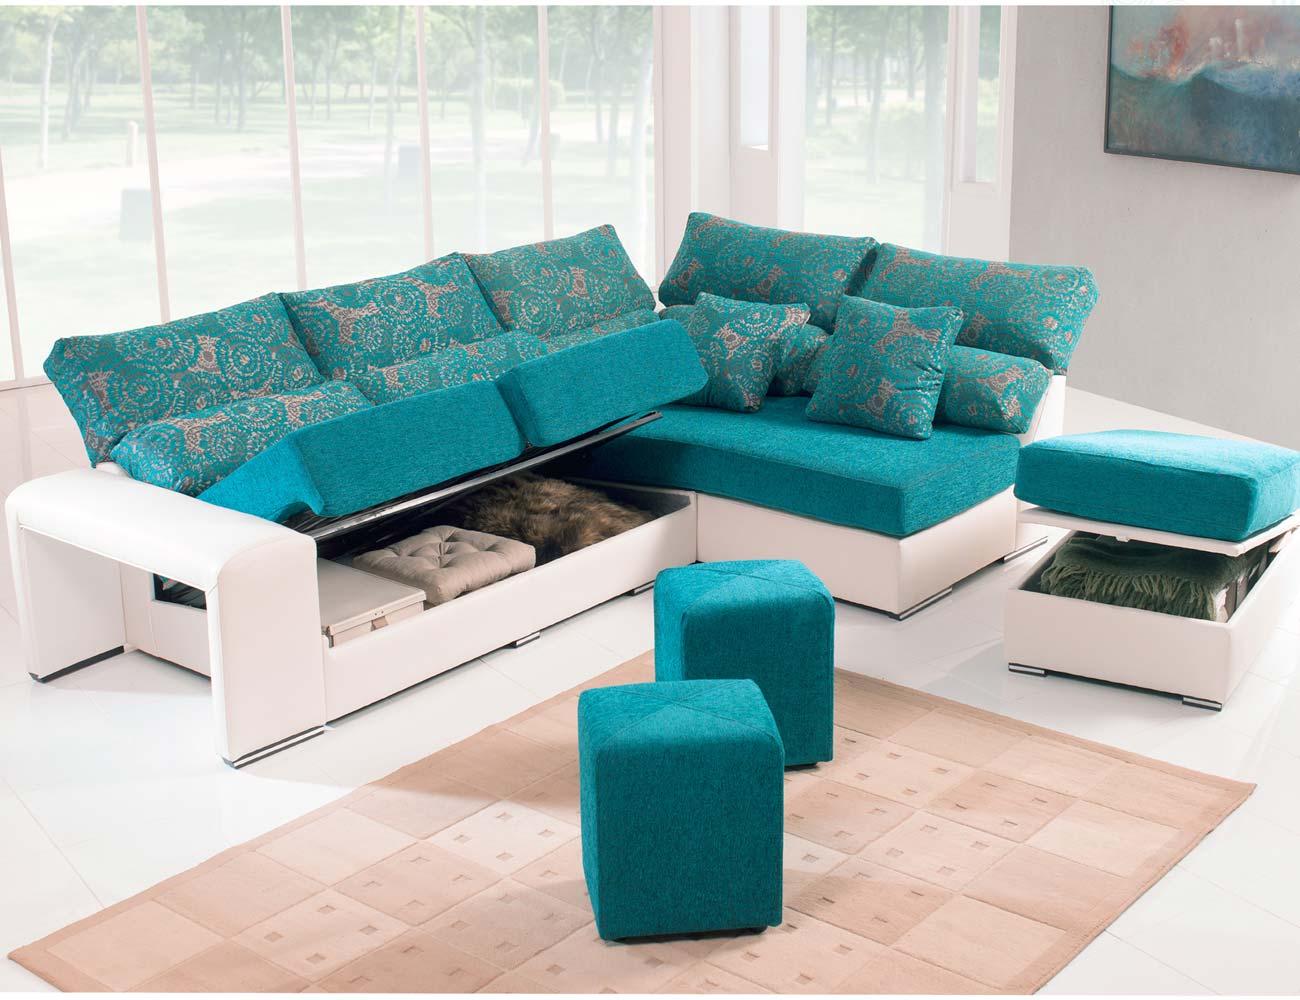 Sofa chaiselongue rincon puff arcon taburete33